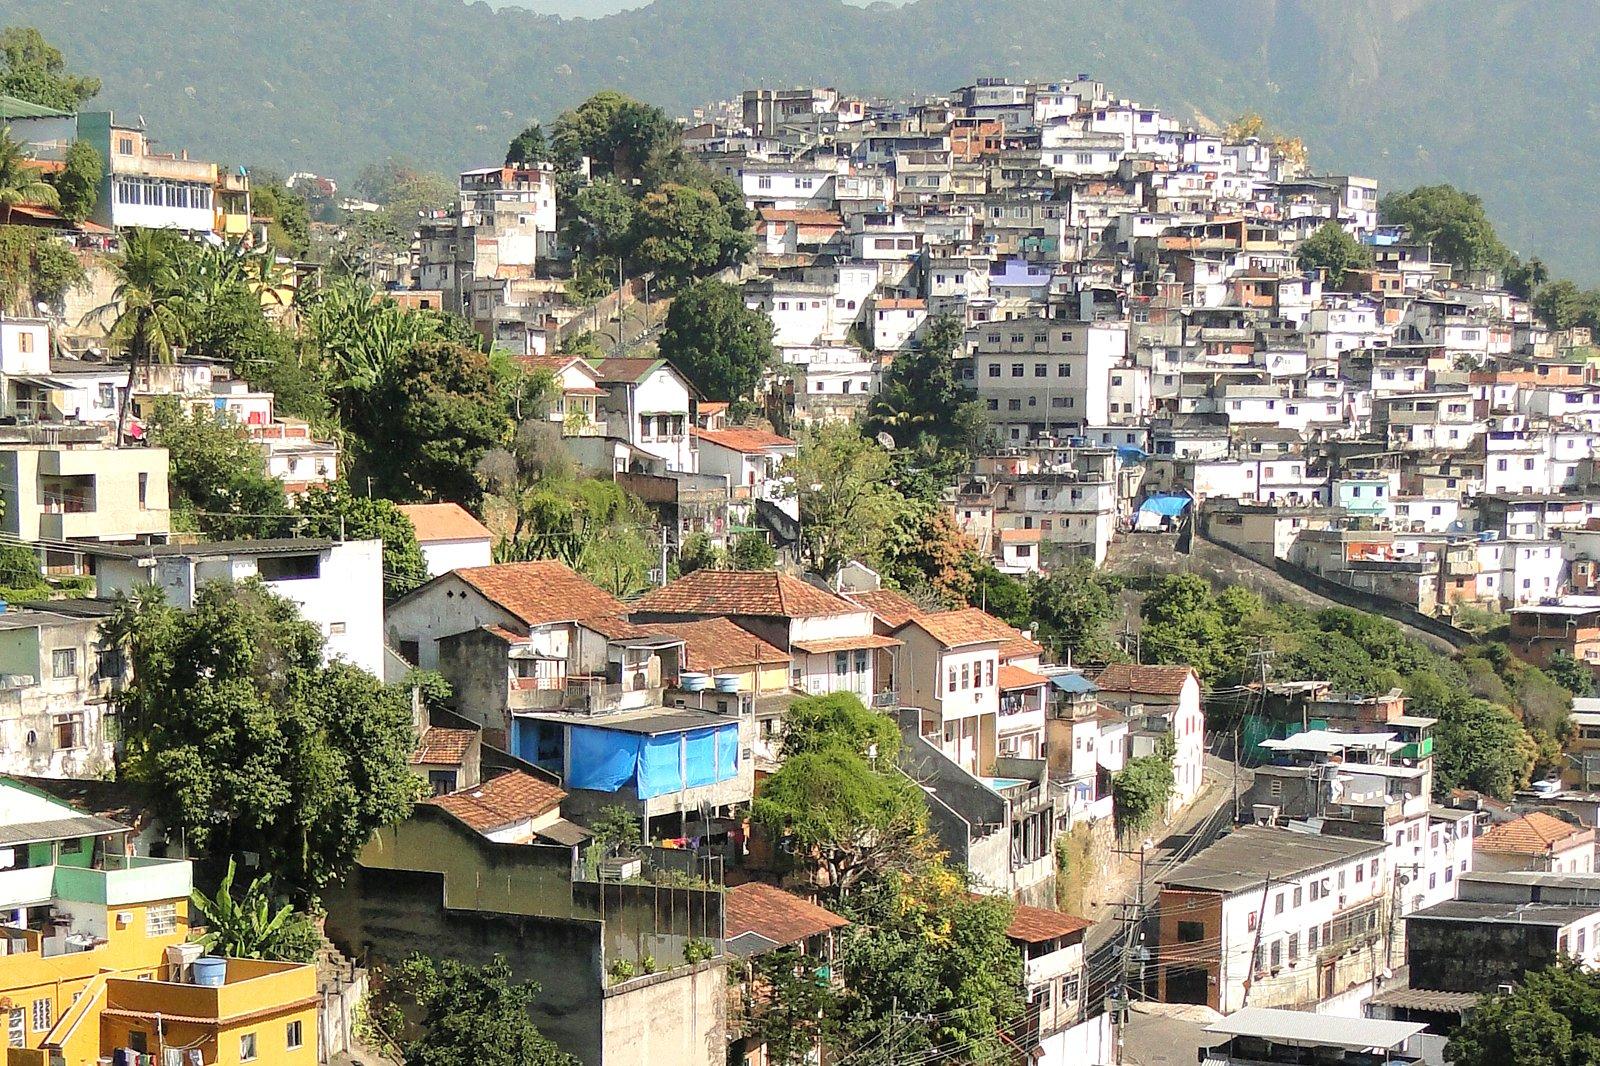 839bbb1bbc02 10 cosas que hacer en Río de Janeiro en un día - ¿Cuáles son los ...